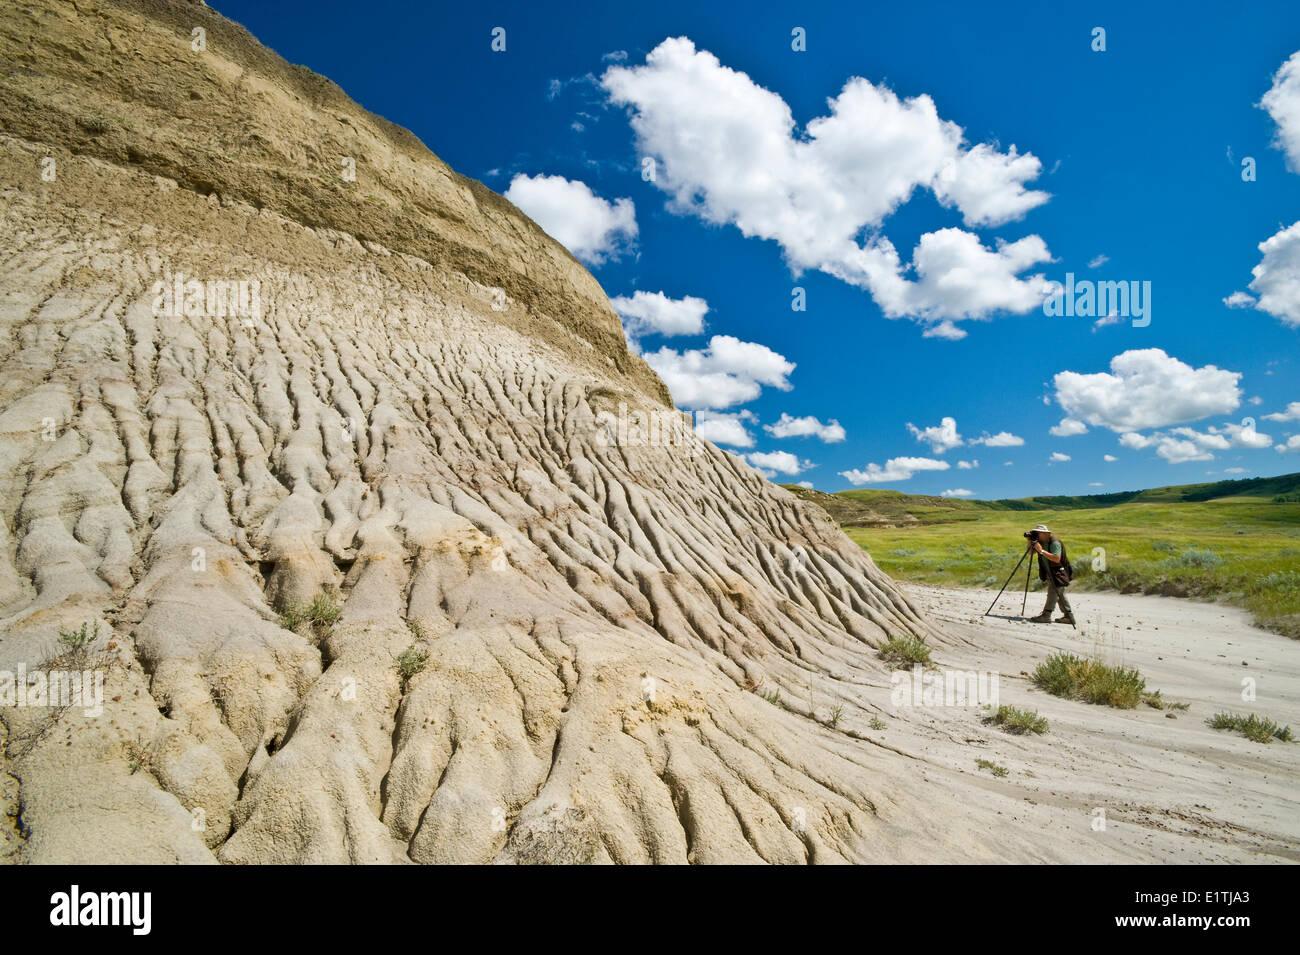 photographing a butte formed by weathering, Killdeer Badlands, East Block, Grasslands National Park, Saskatchewan, Canada - Stock Image